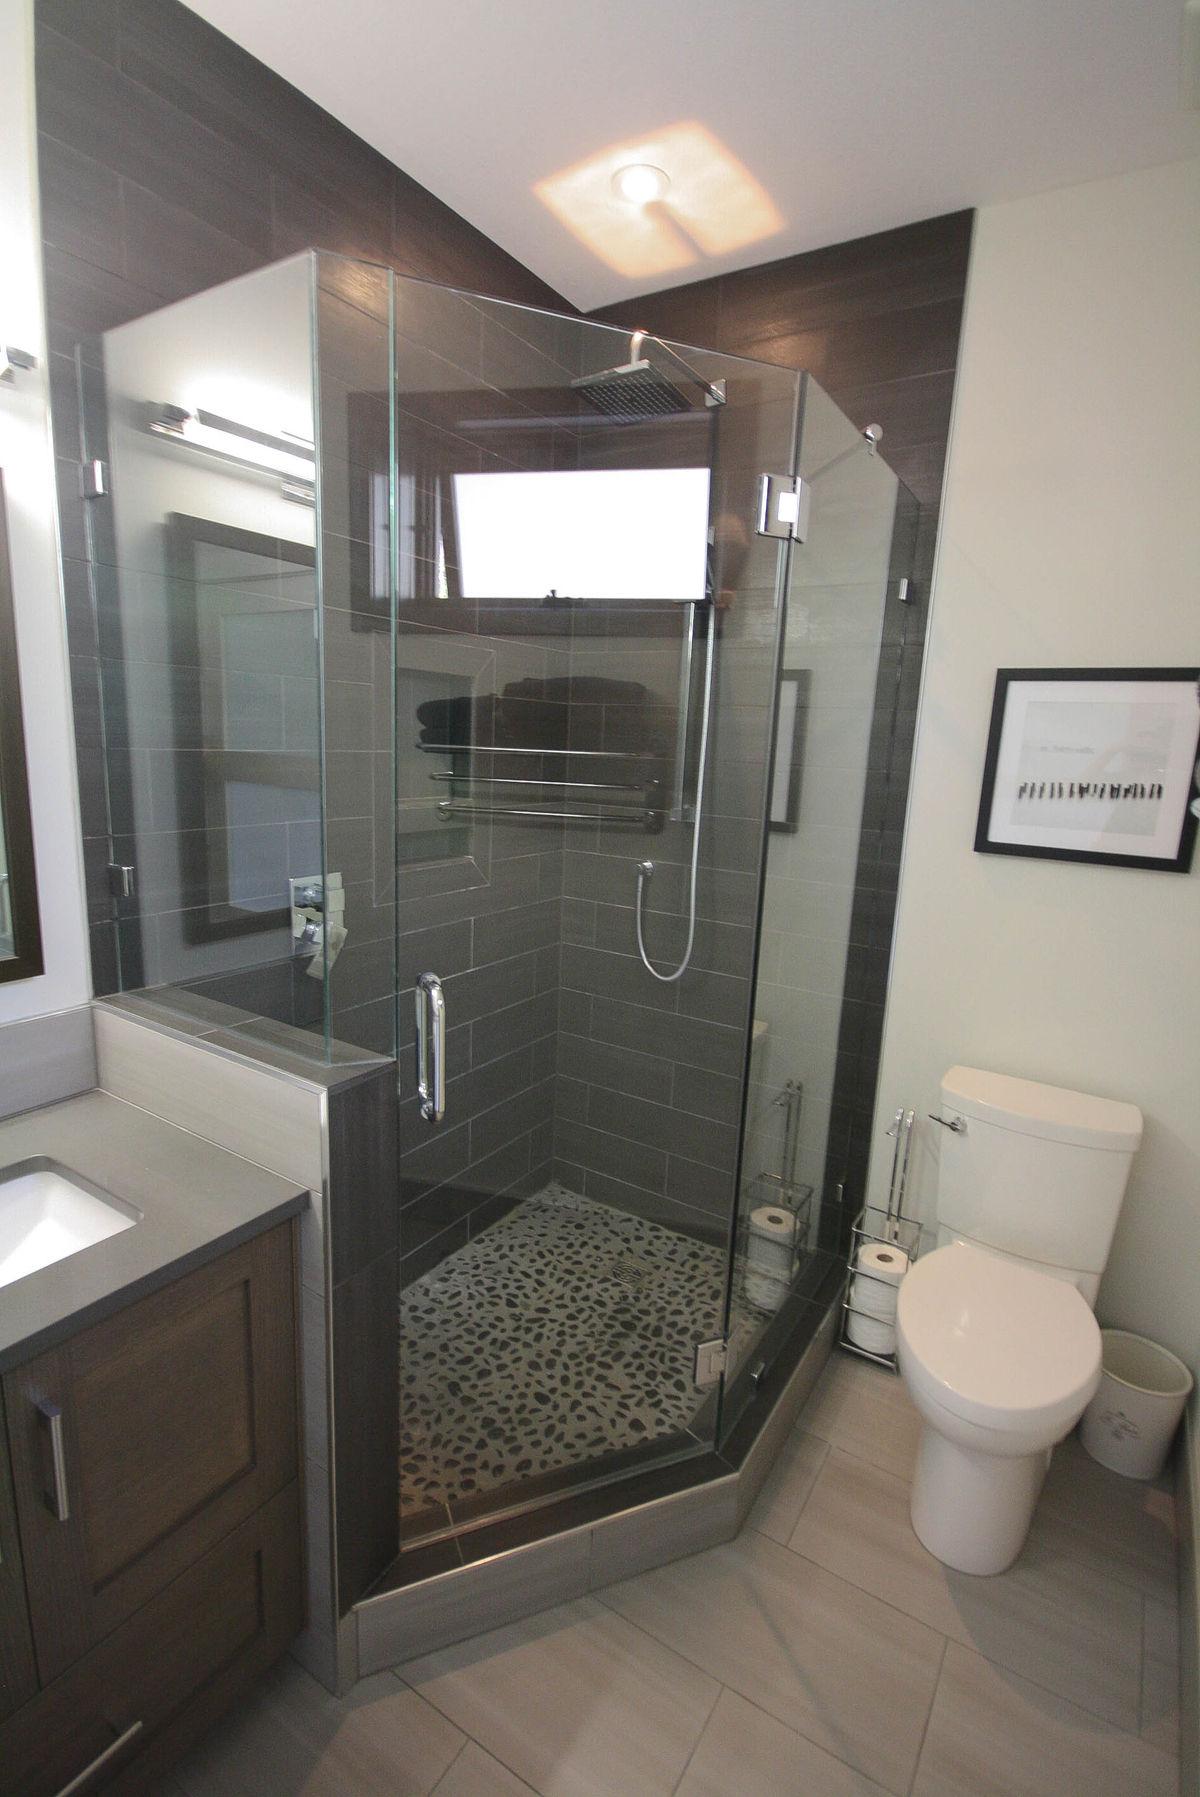 Bathroom Renovation And Shower Tiling